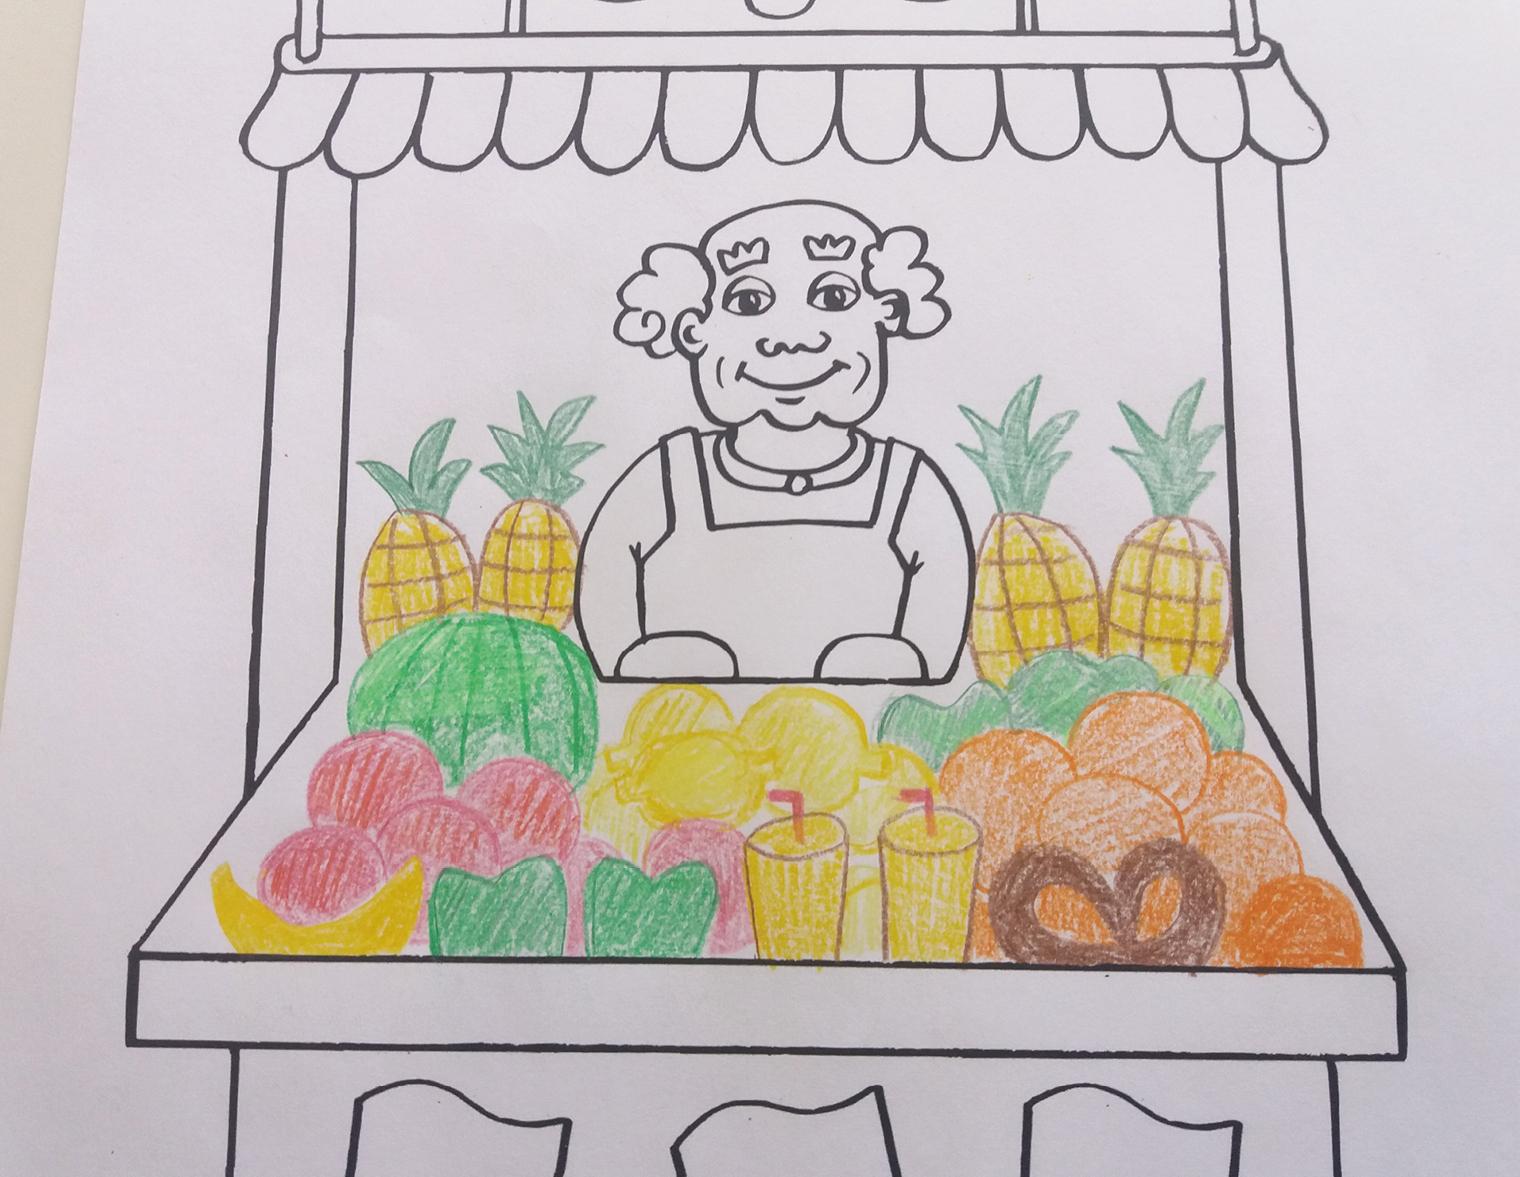 Von vorne nach hinten Obst, Getränke und Gebäck in den Kasten malen - dabei darauf achten, kontrastierende Farben nebeneinander zu setzen